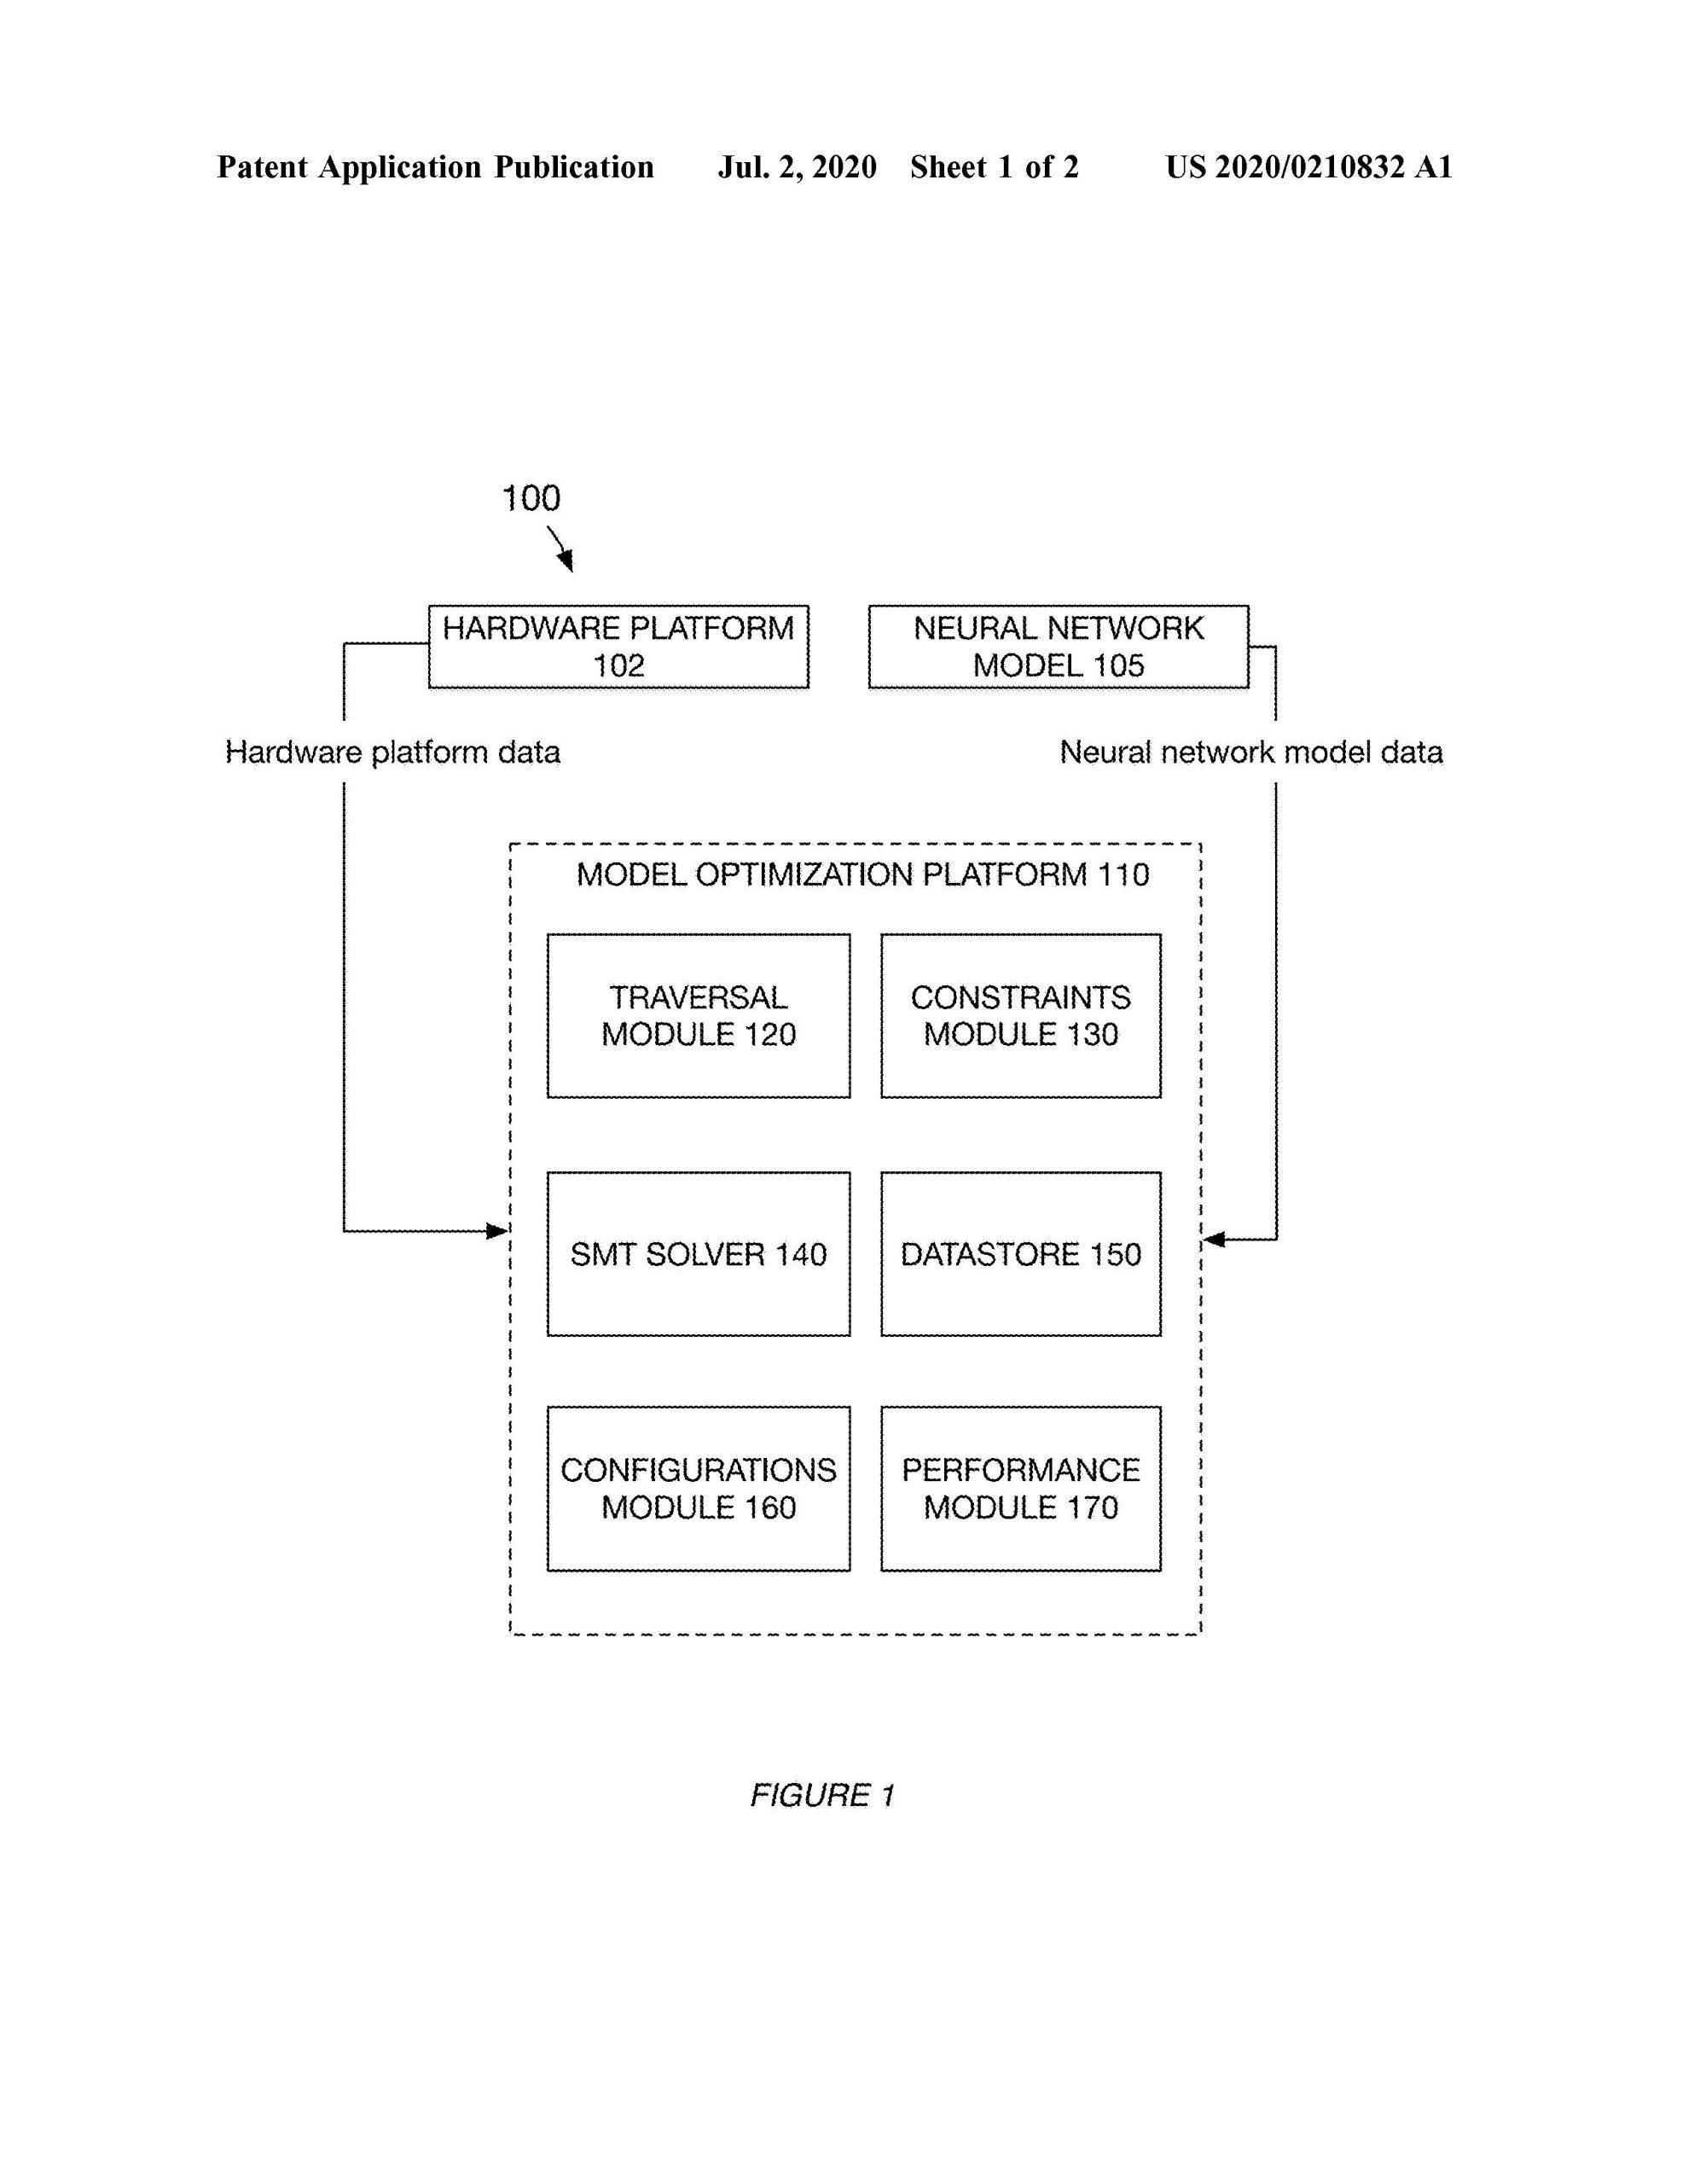 Нейронная сеть Тесла адаптируется к оборудованию, выделенному в новой заявке на патент